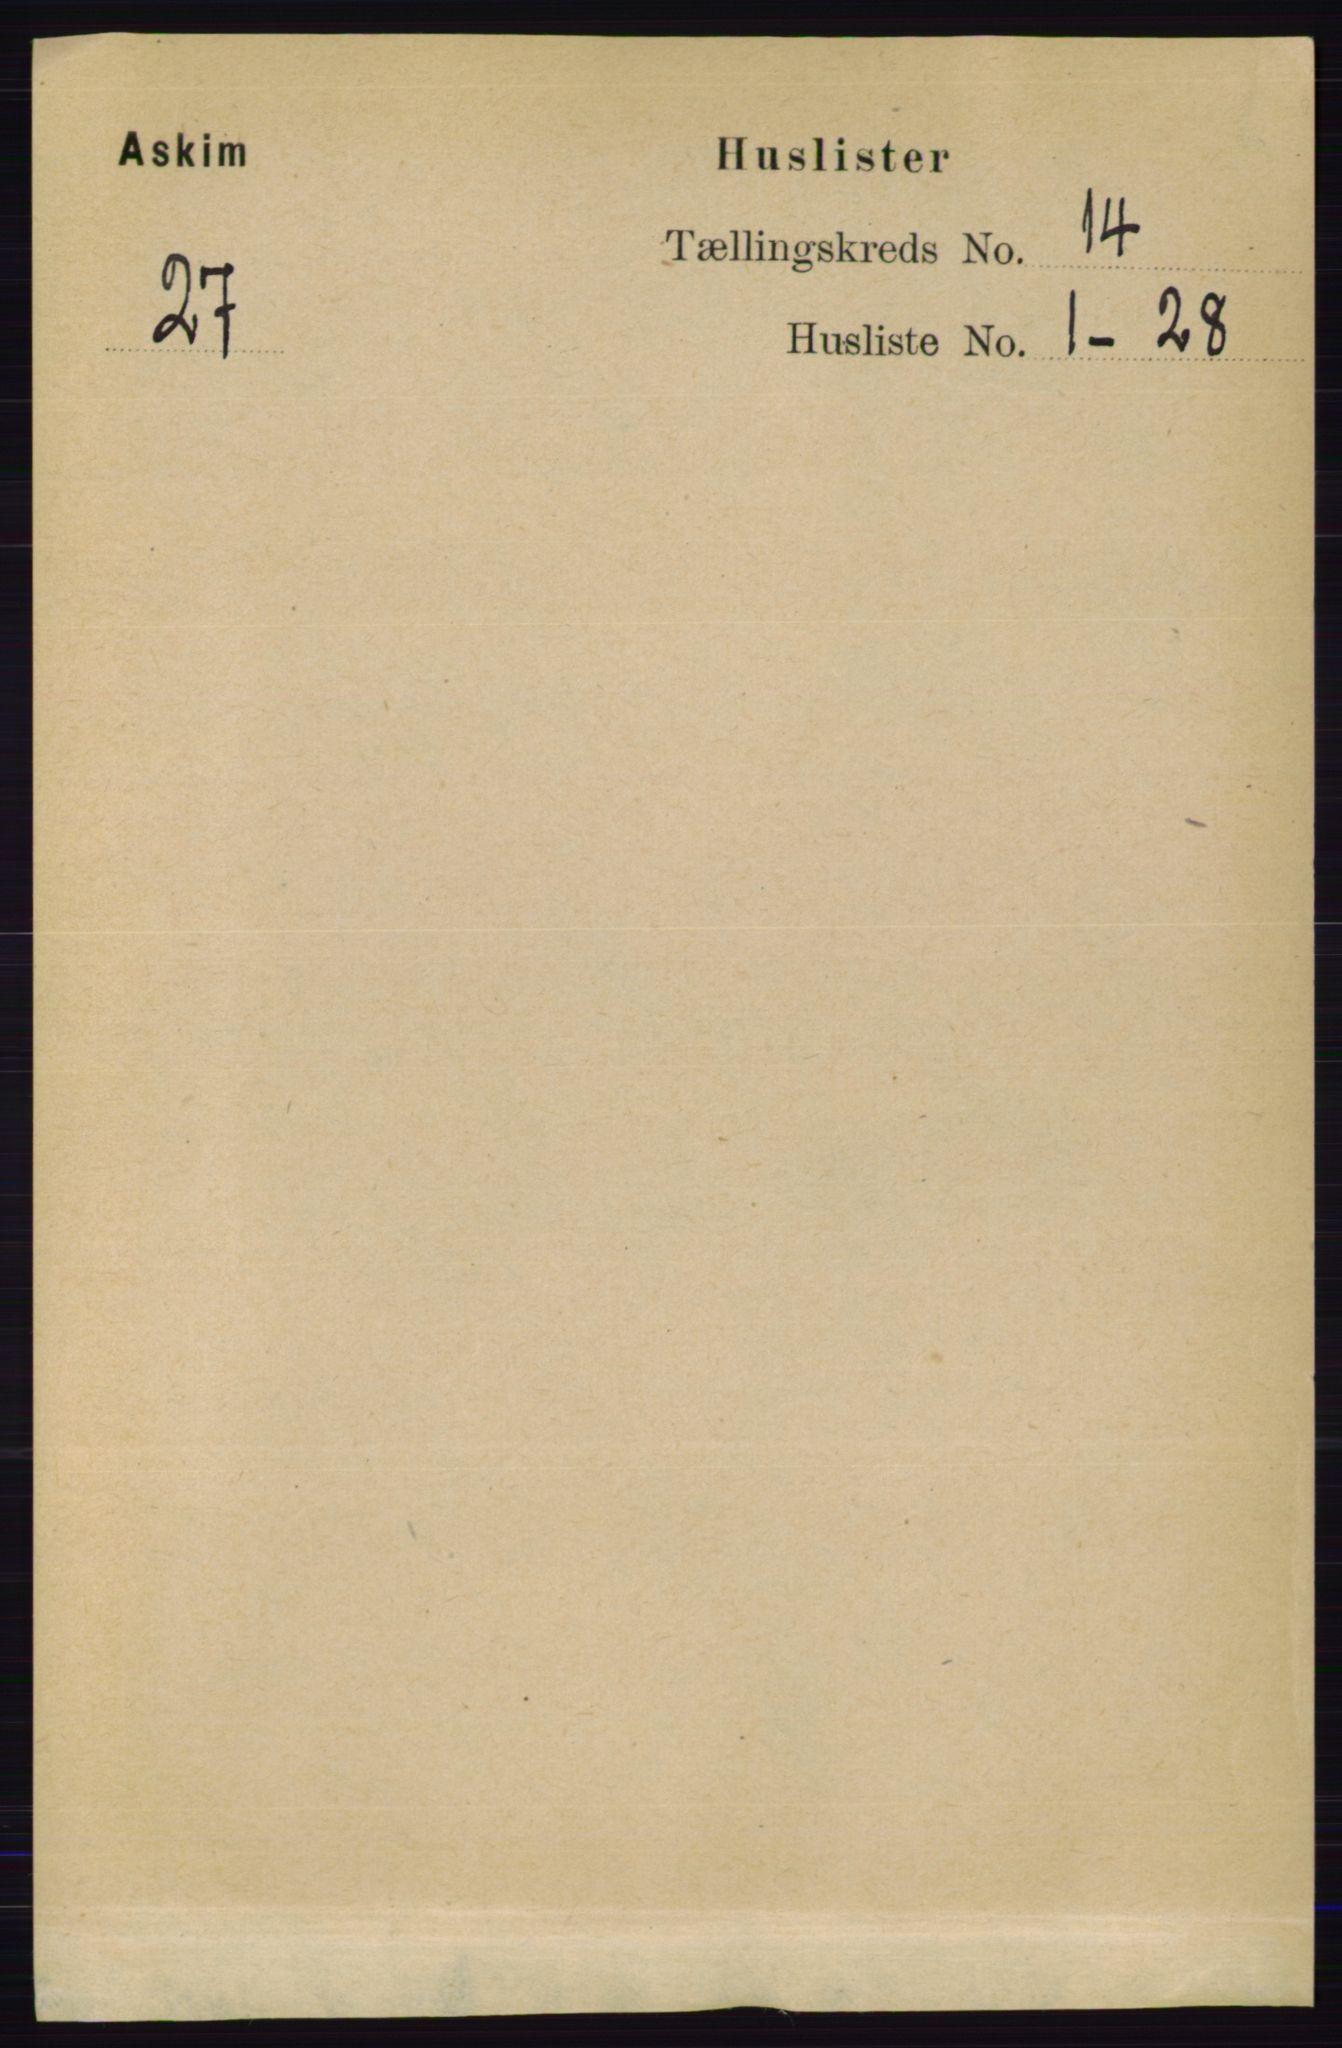 RA, Folketelling 1891 for 0124 Askim herred, 1891, s. 2215